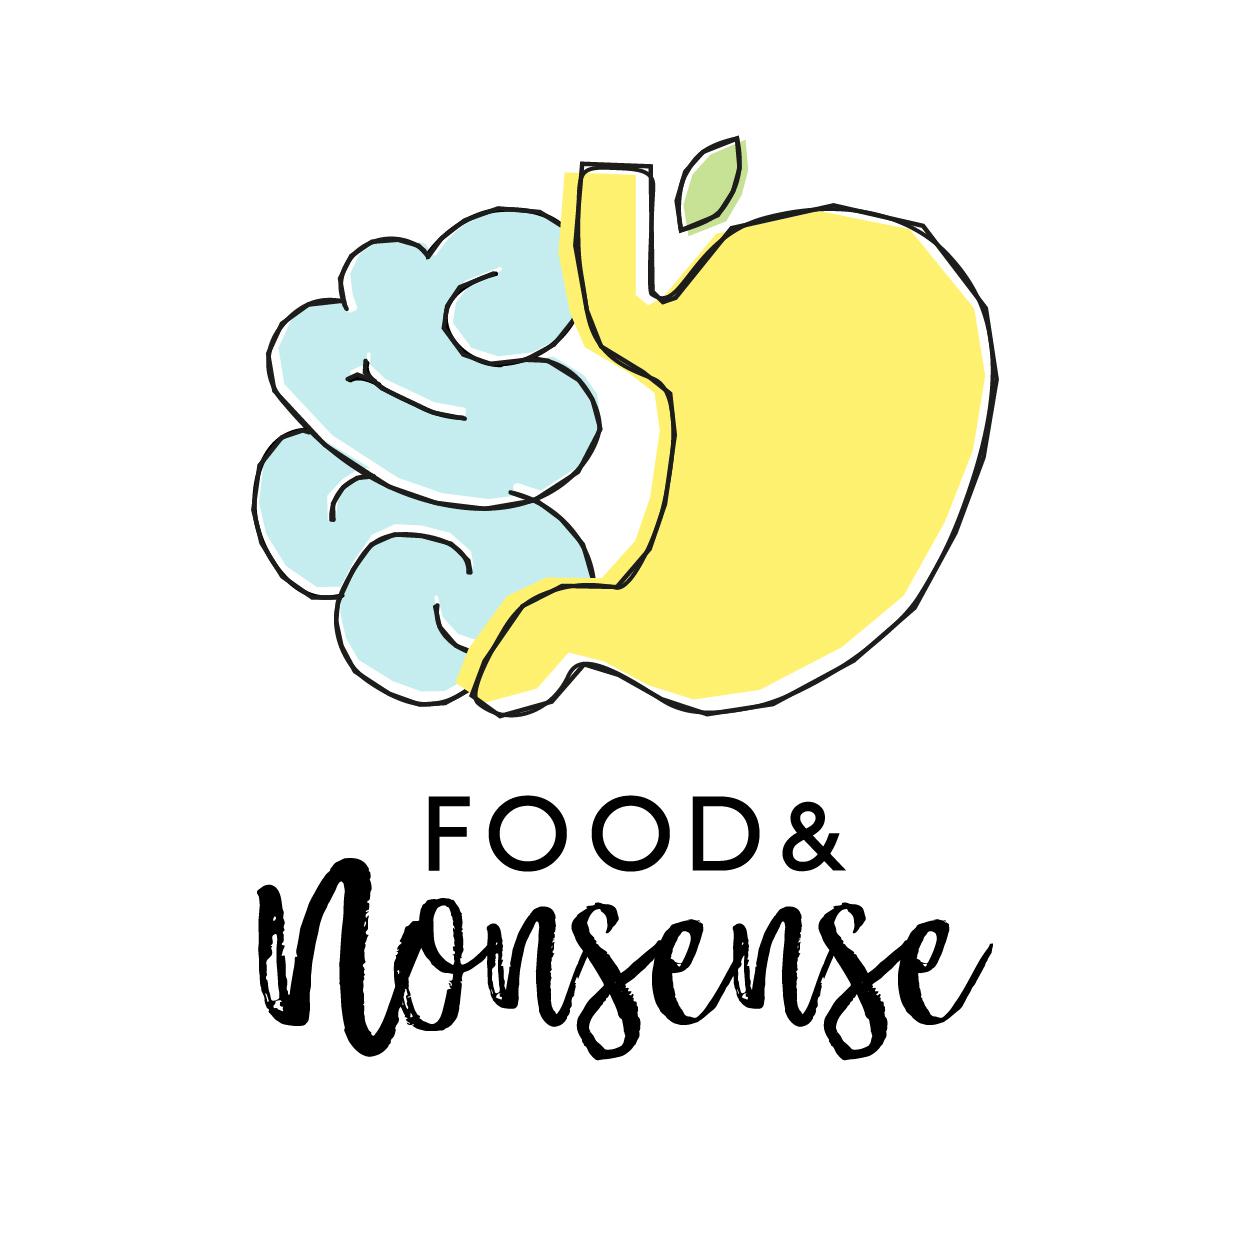 20171109_foodandnonsense_logo_small.jpg